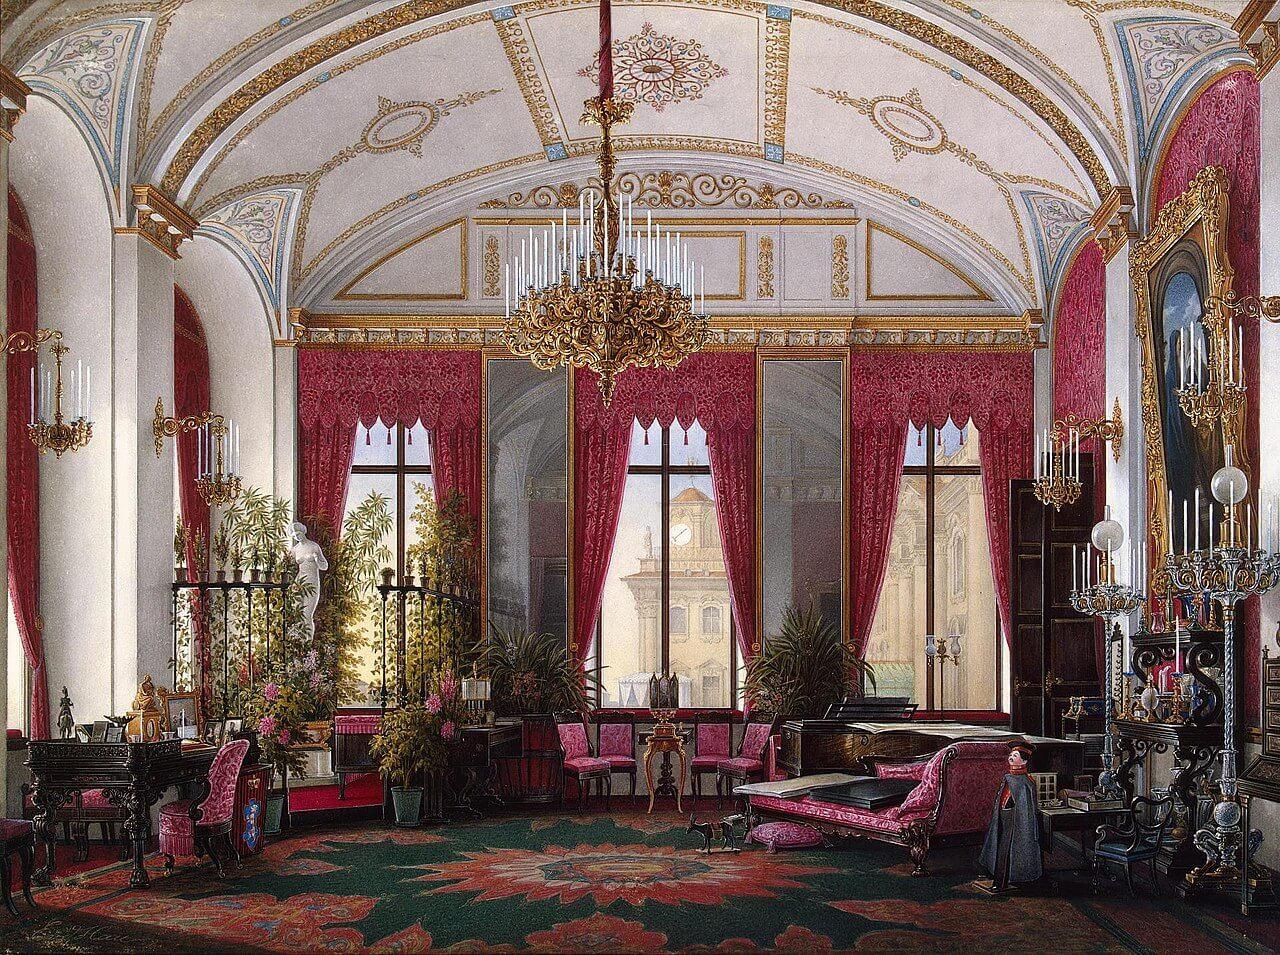 אדוארד האו, חדר העבודה של הצארינה מריה אלכנסדרובה בארמון החורף, 1860